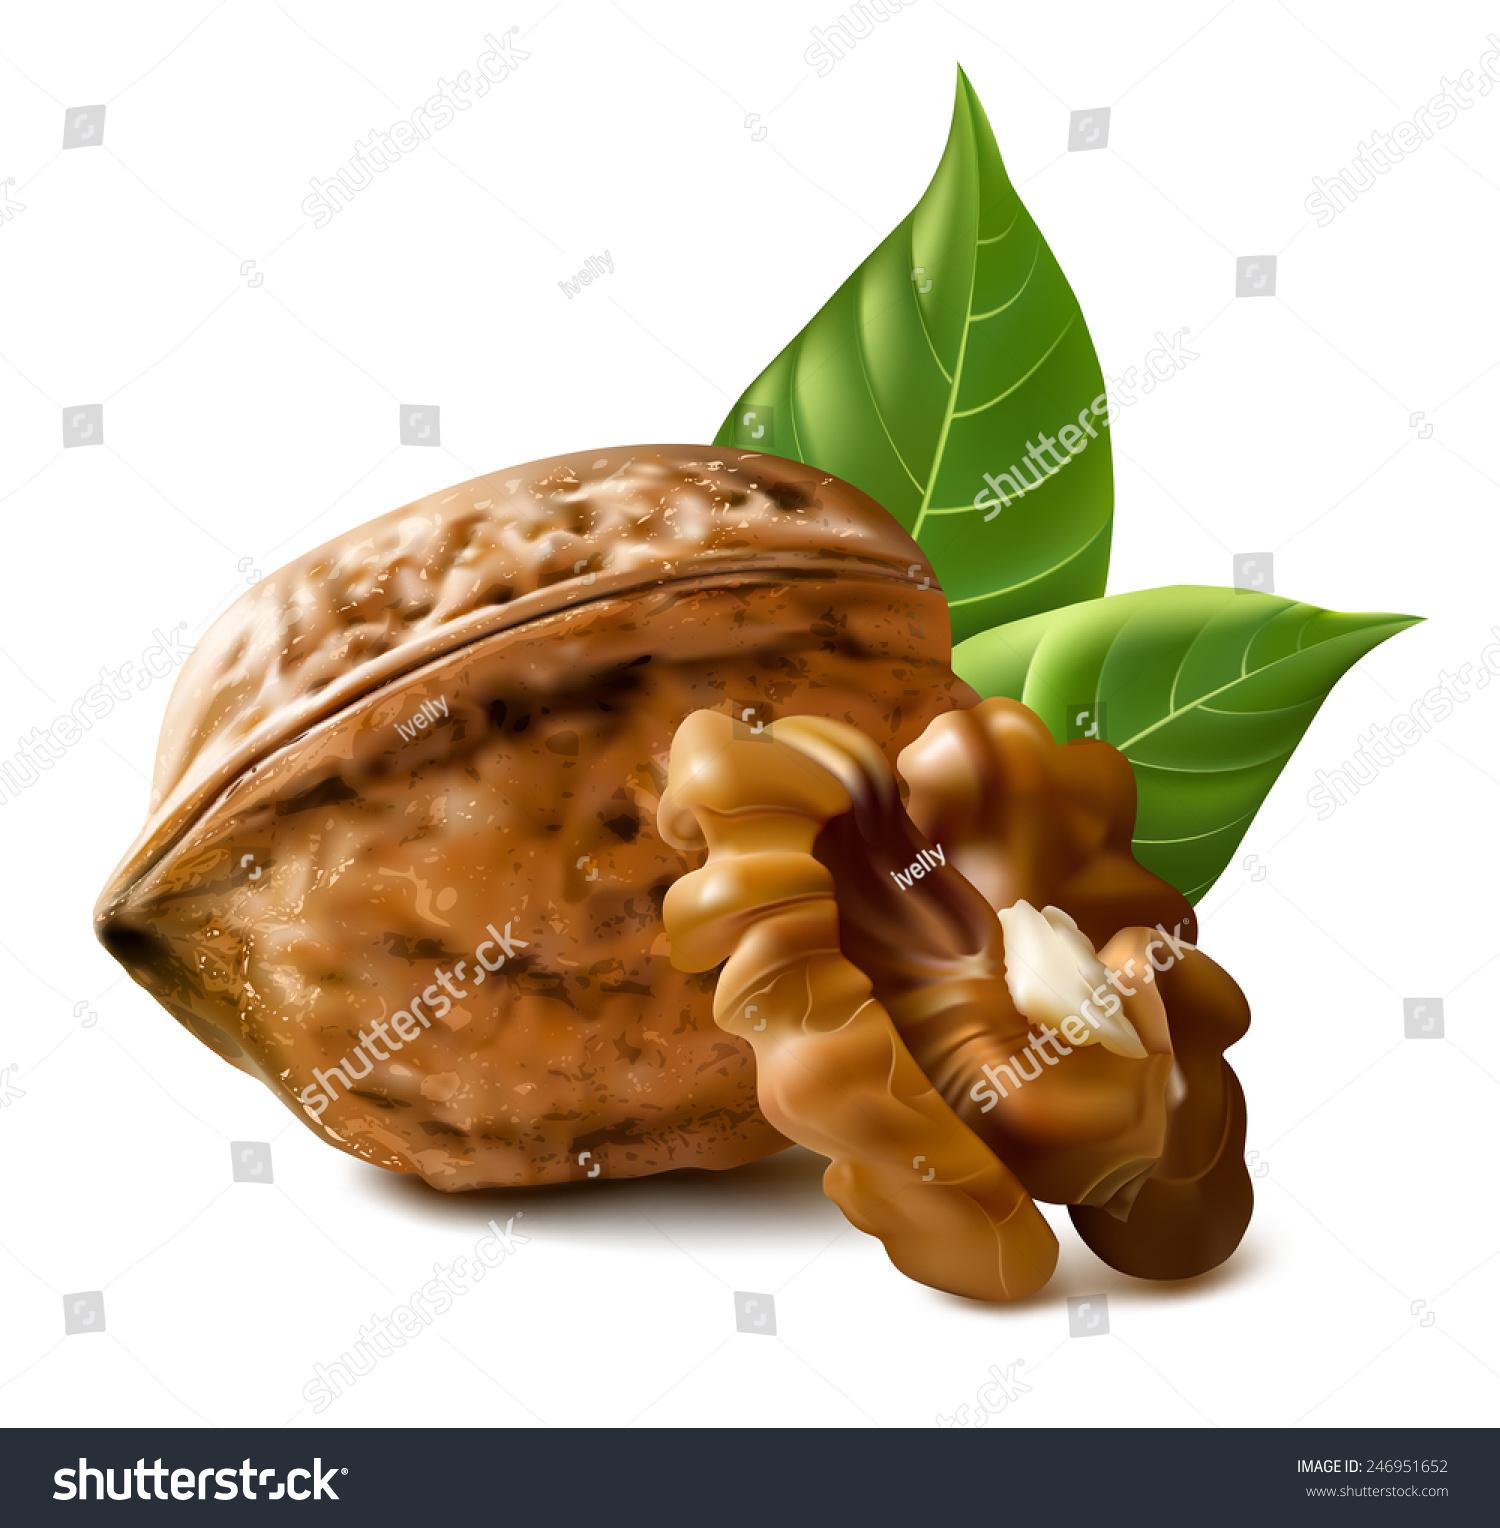 核桃用树叶和内核核桃.矢量插图.-食品及饮料,自然-()